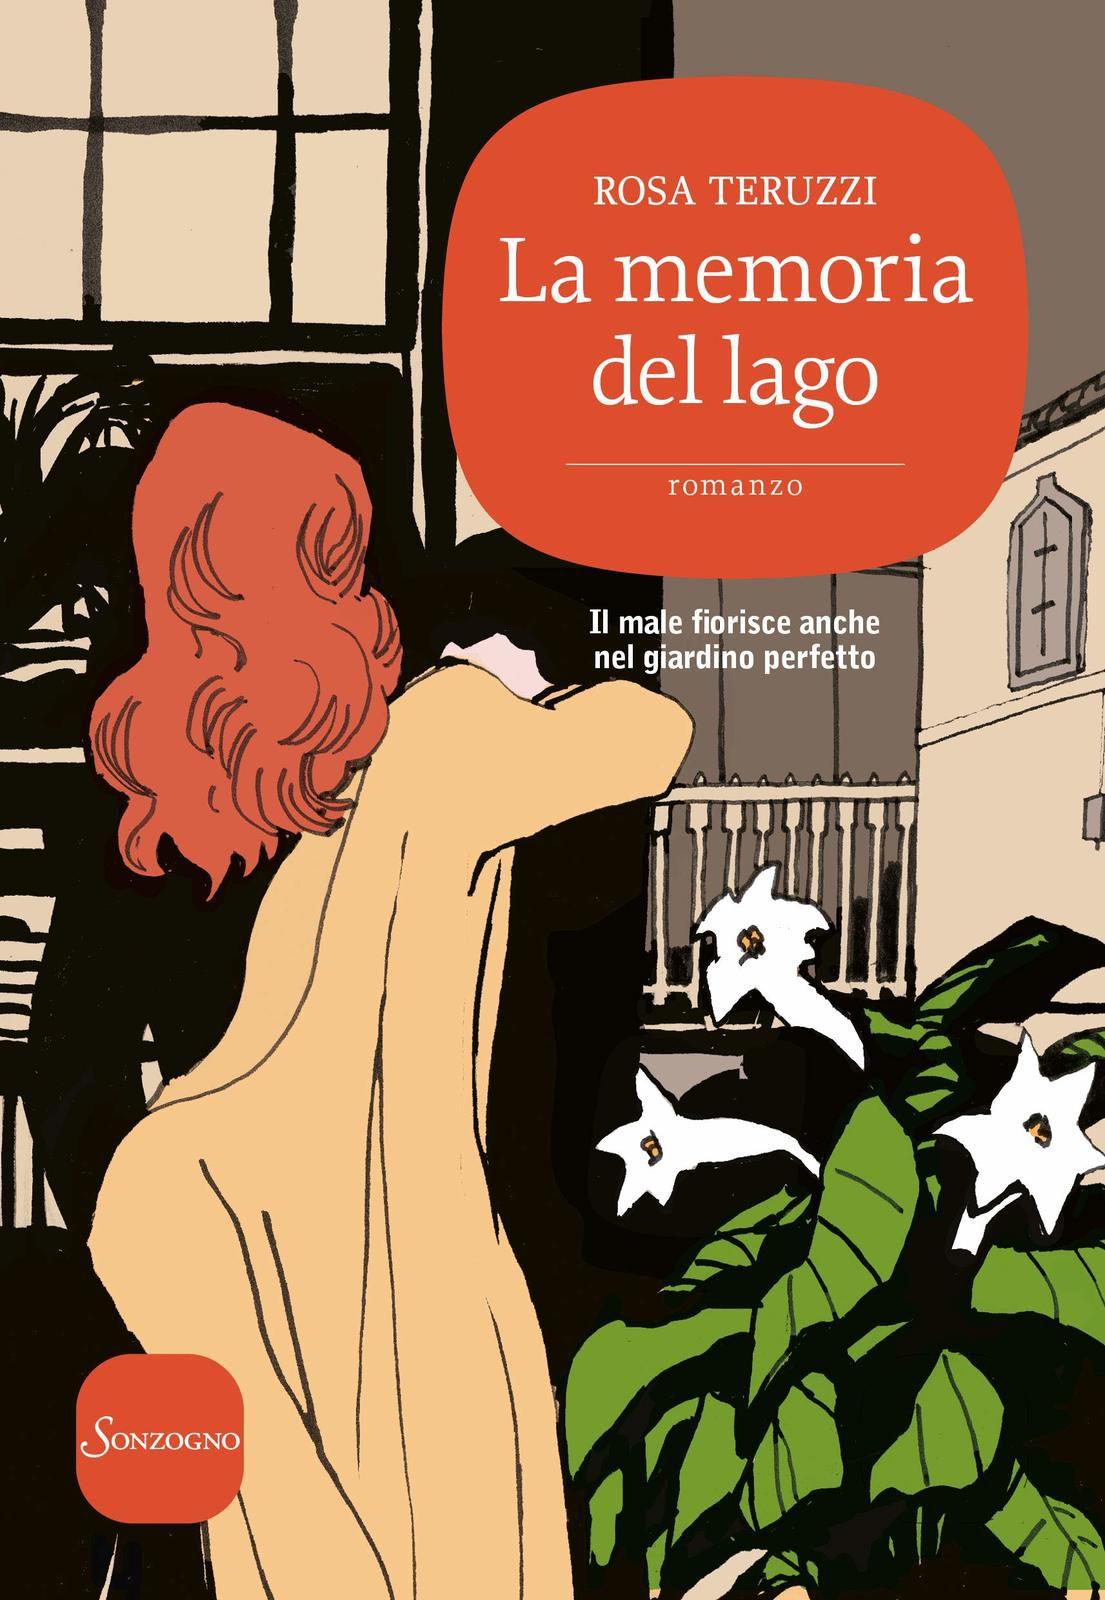 La memoria del lago, Rosa Teruzzi, Sonzogno edizioni